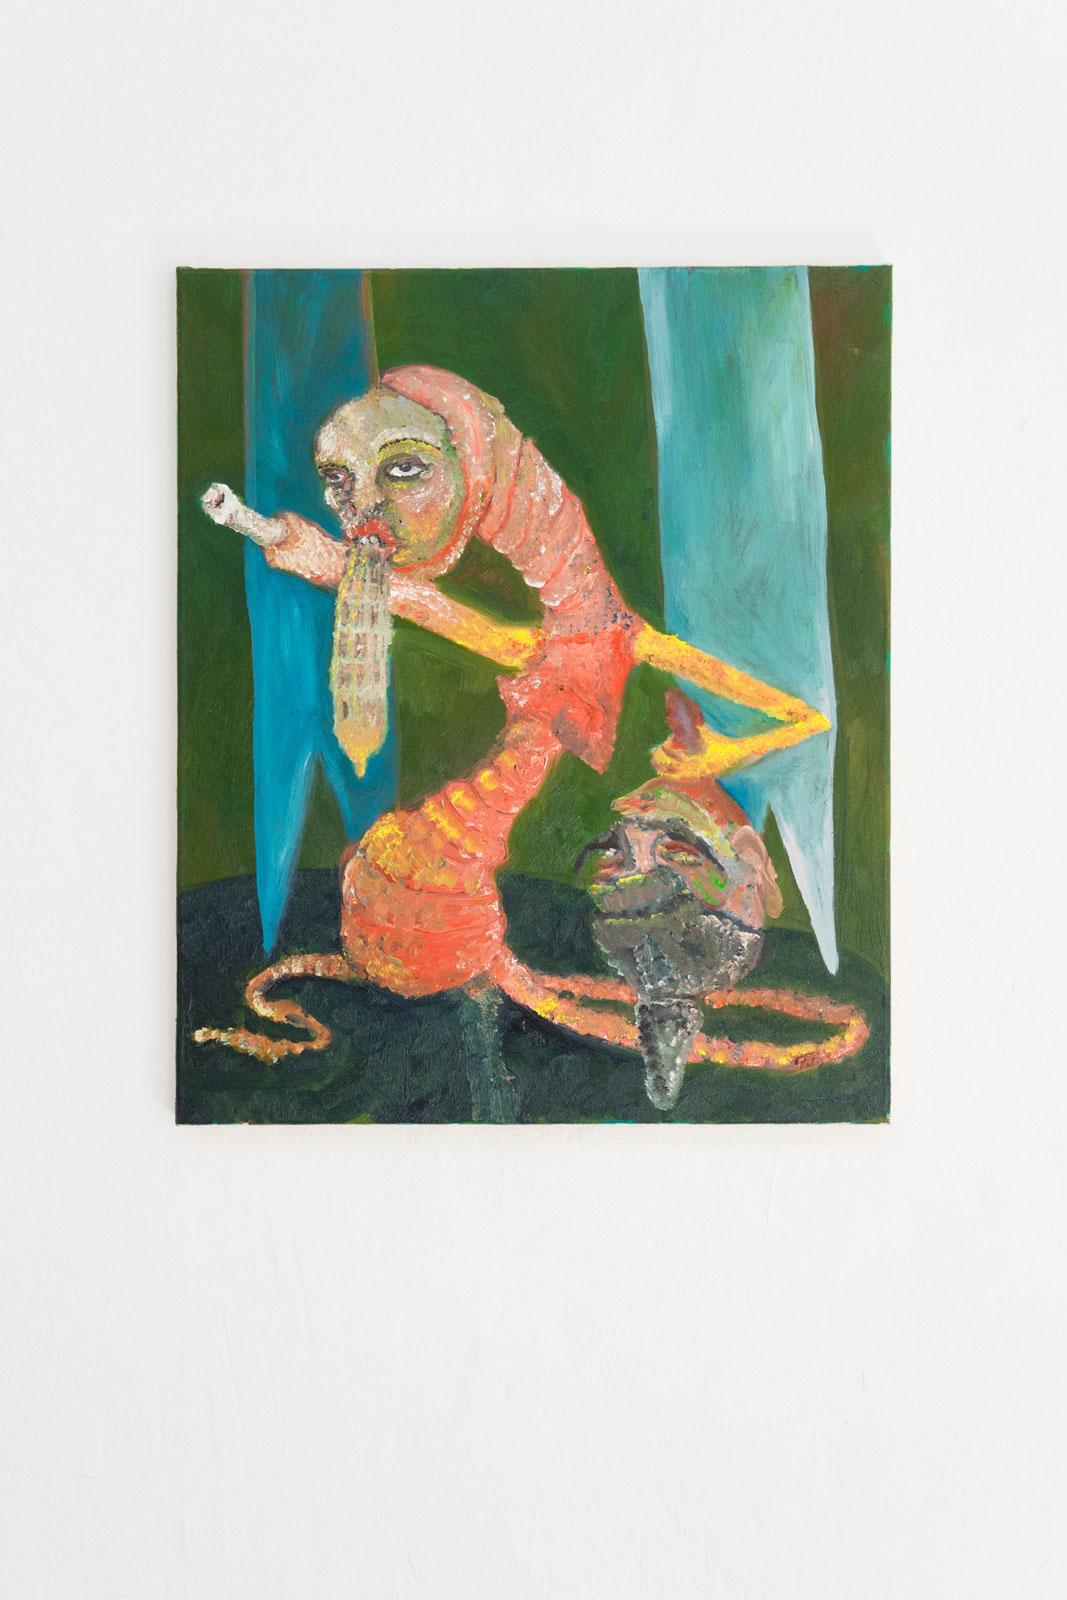 Joseph Geagan, Bone Frau, 2018, Oil on canvas, 60 x 50 cm